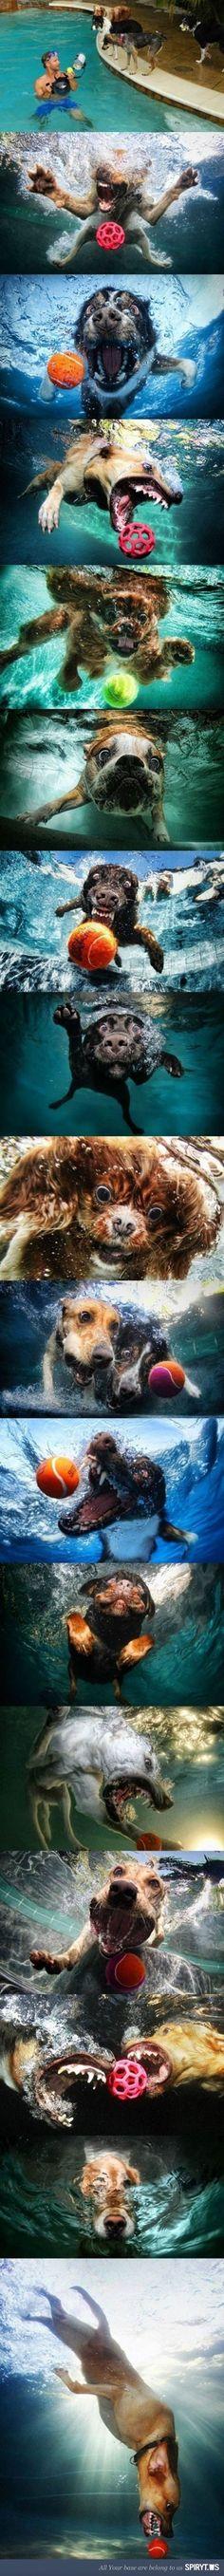 hehe doggies under water